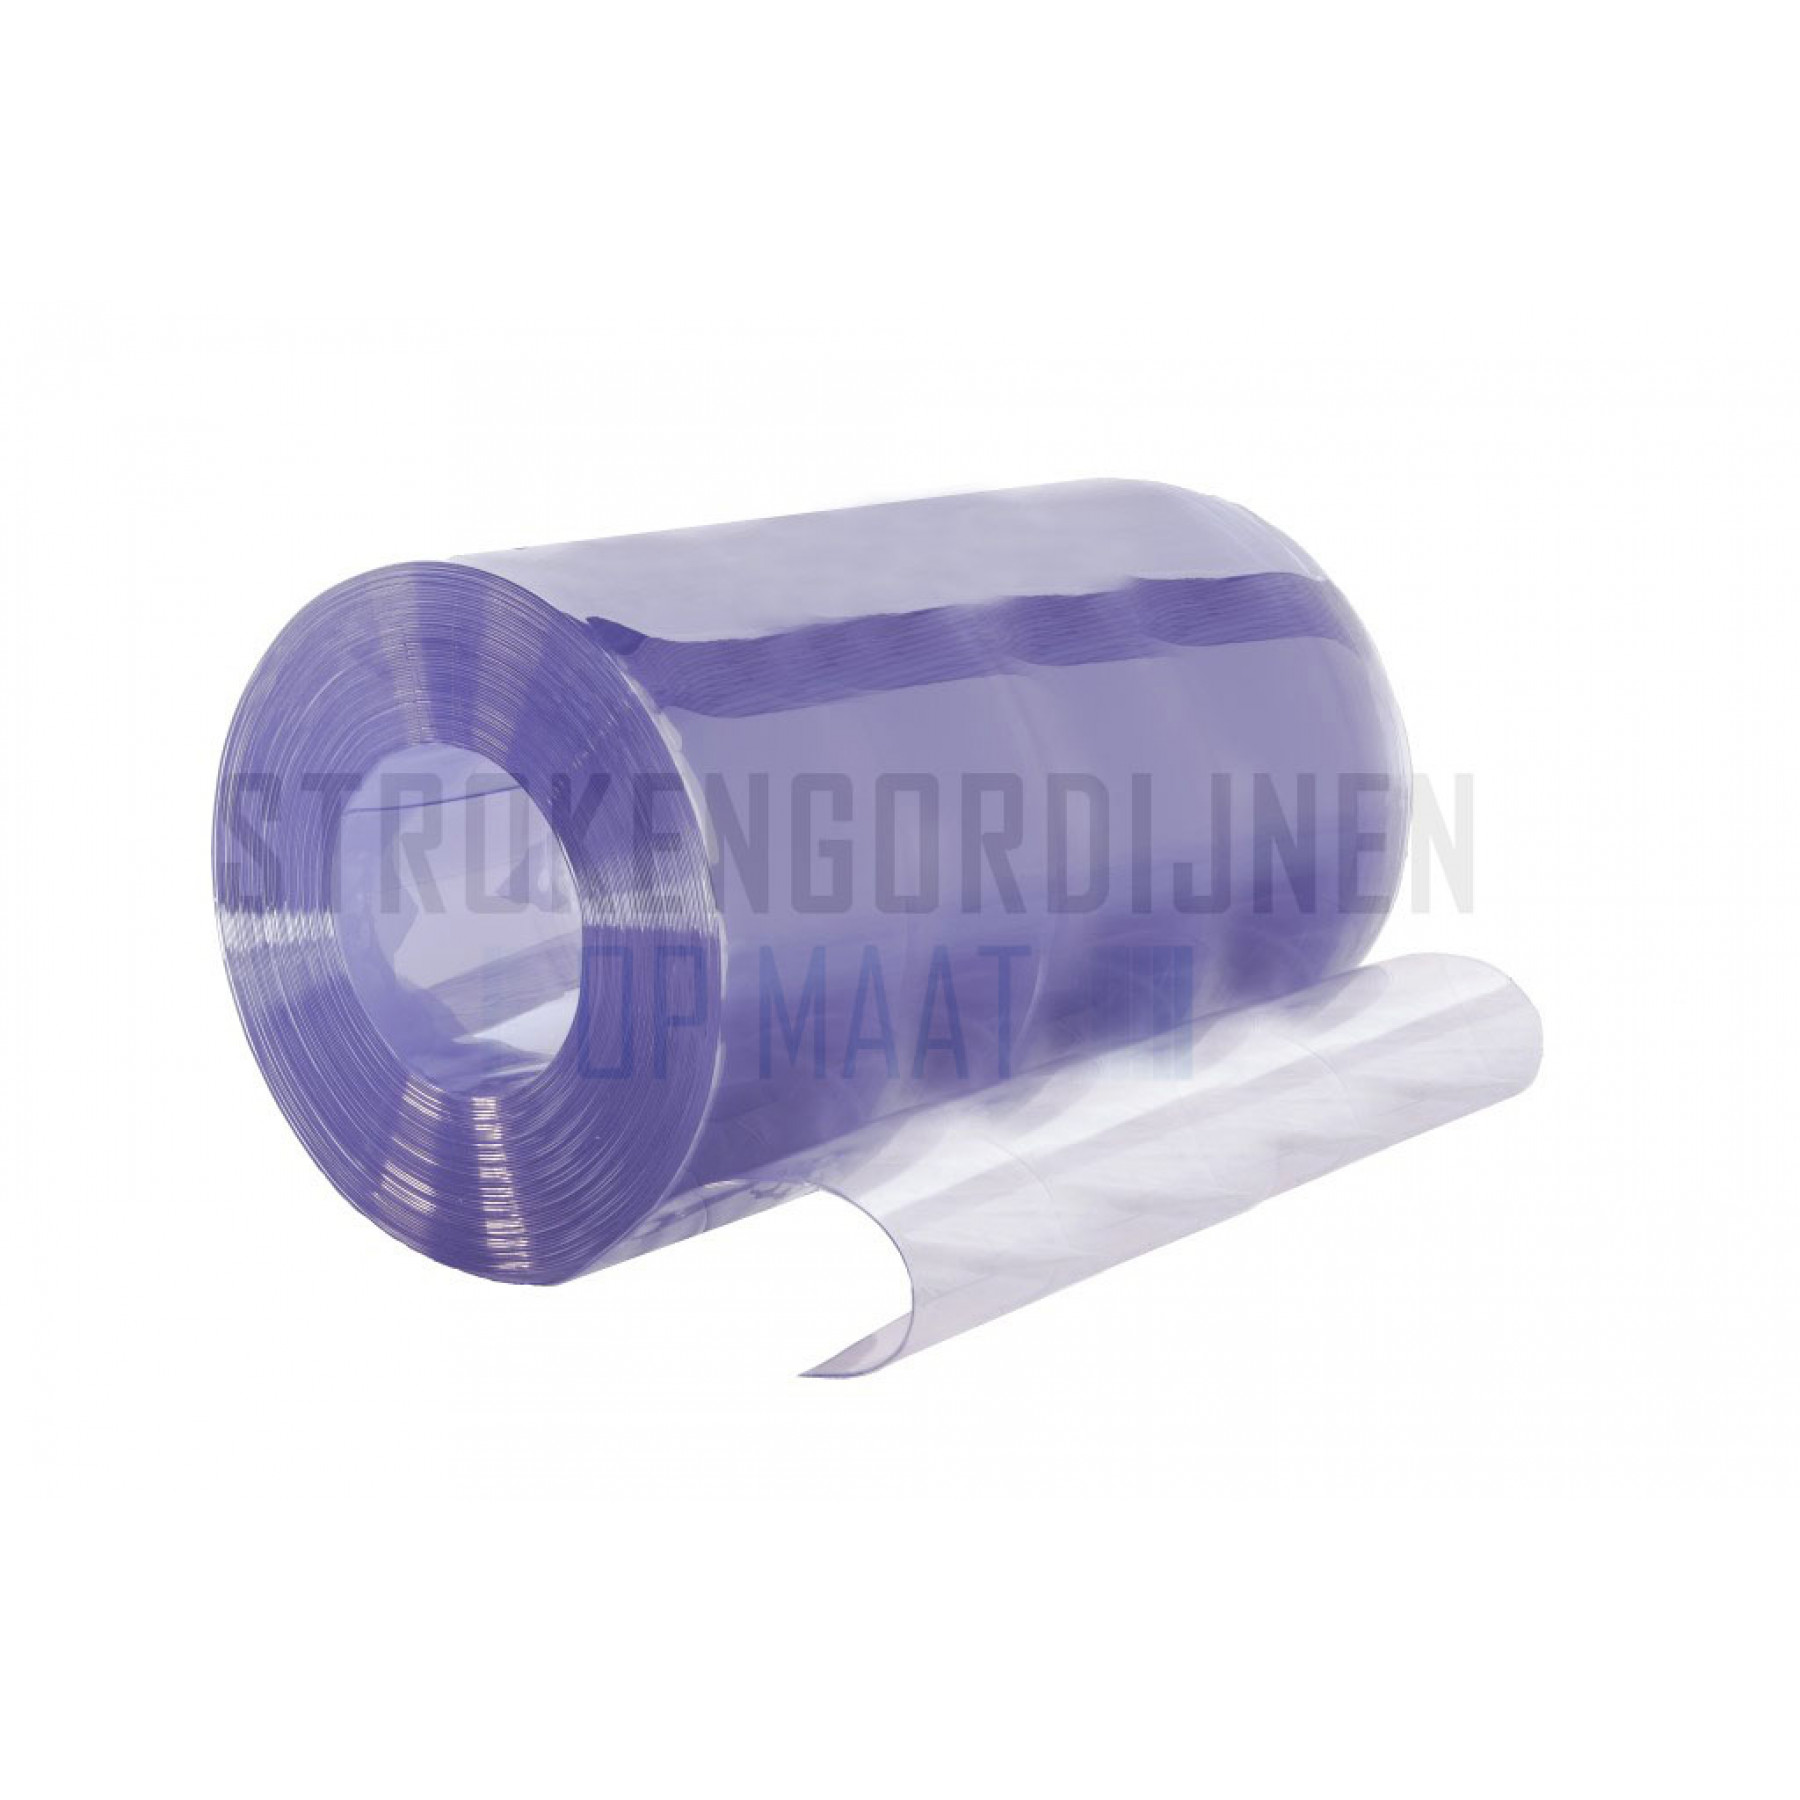 PVC op rol, 1200mm breed, 2mm dik, 20 meter lengte, transparant